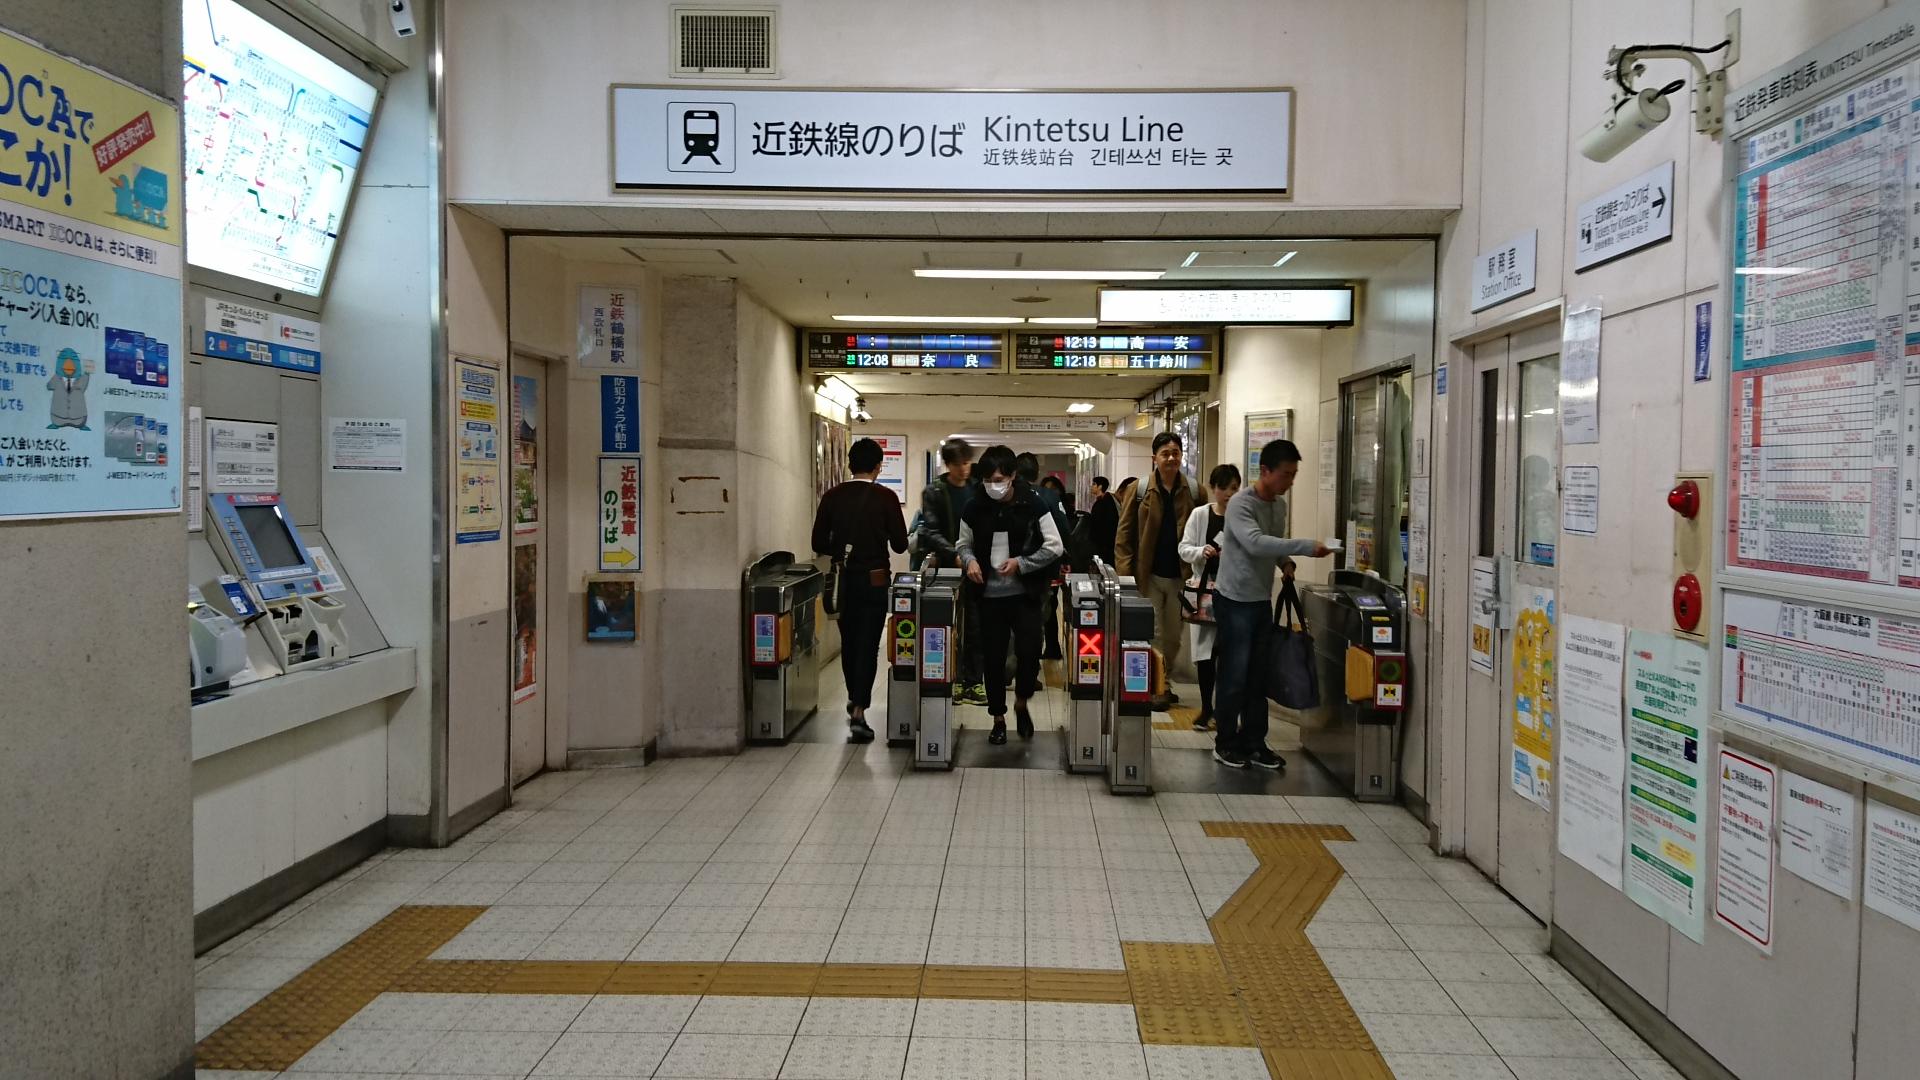 2016.11.12 近鉄 (26) 鶴橋にしかいさつ 1920-1080